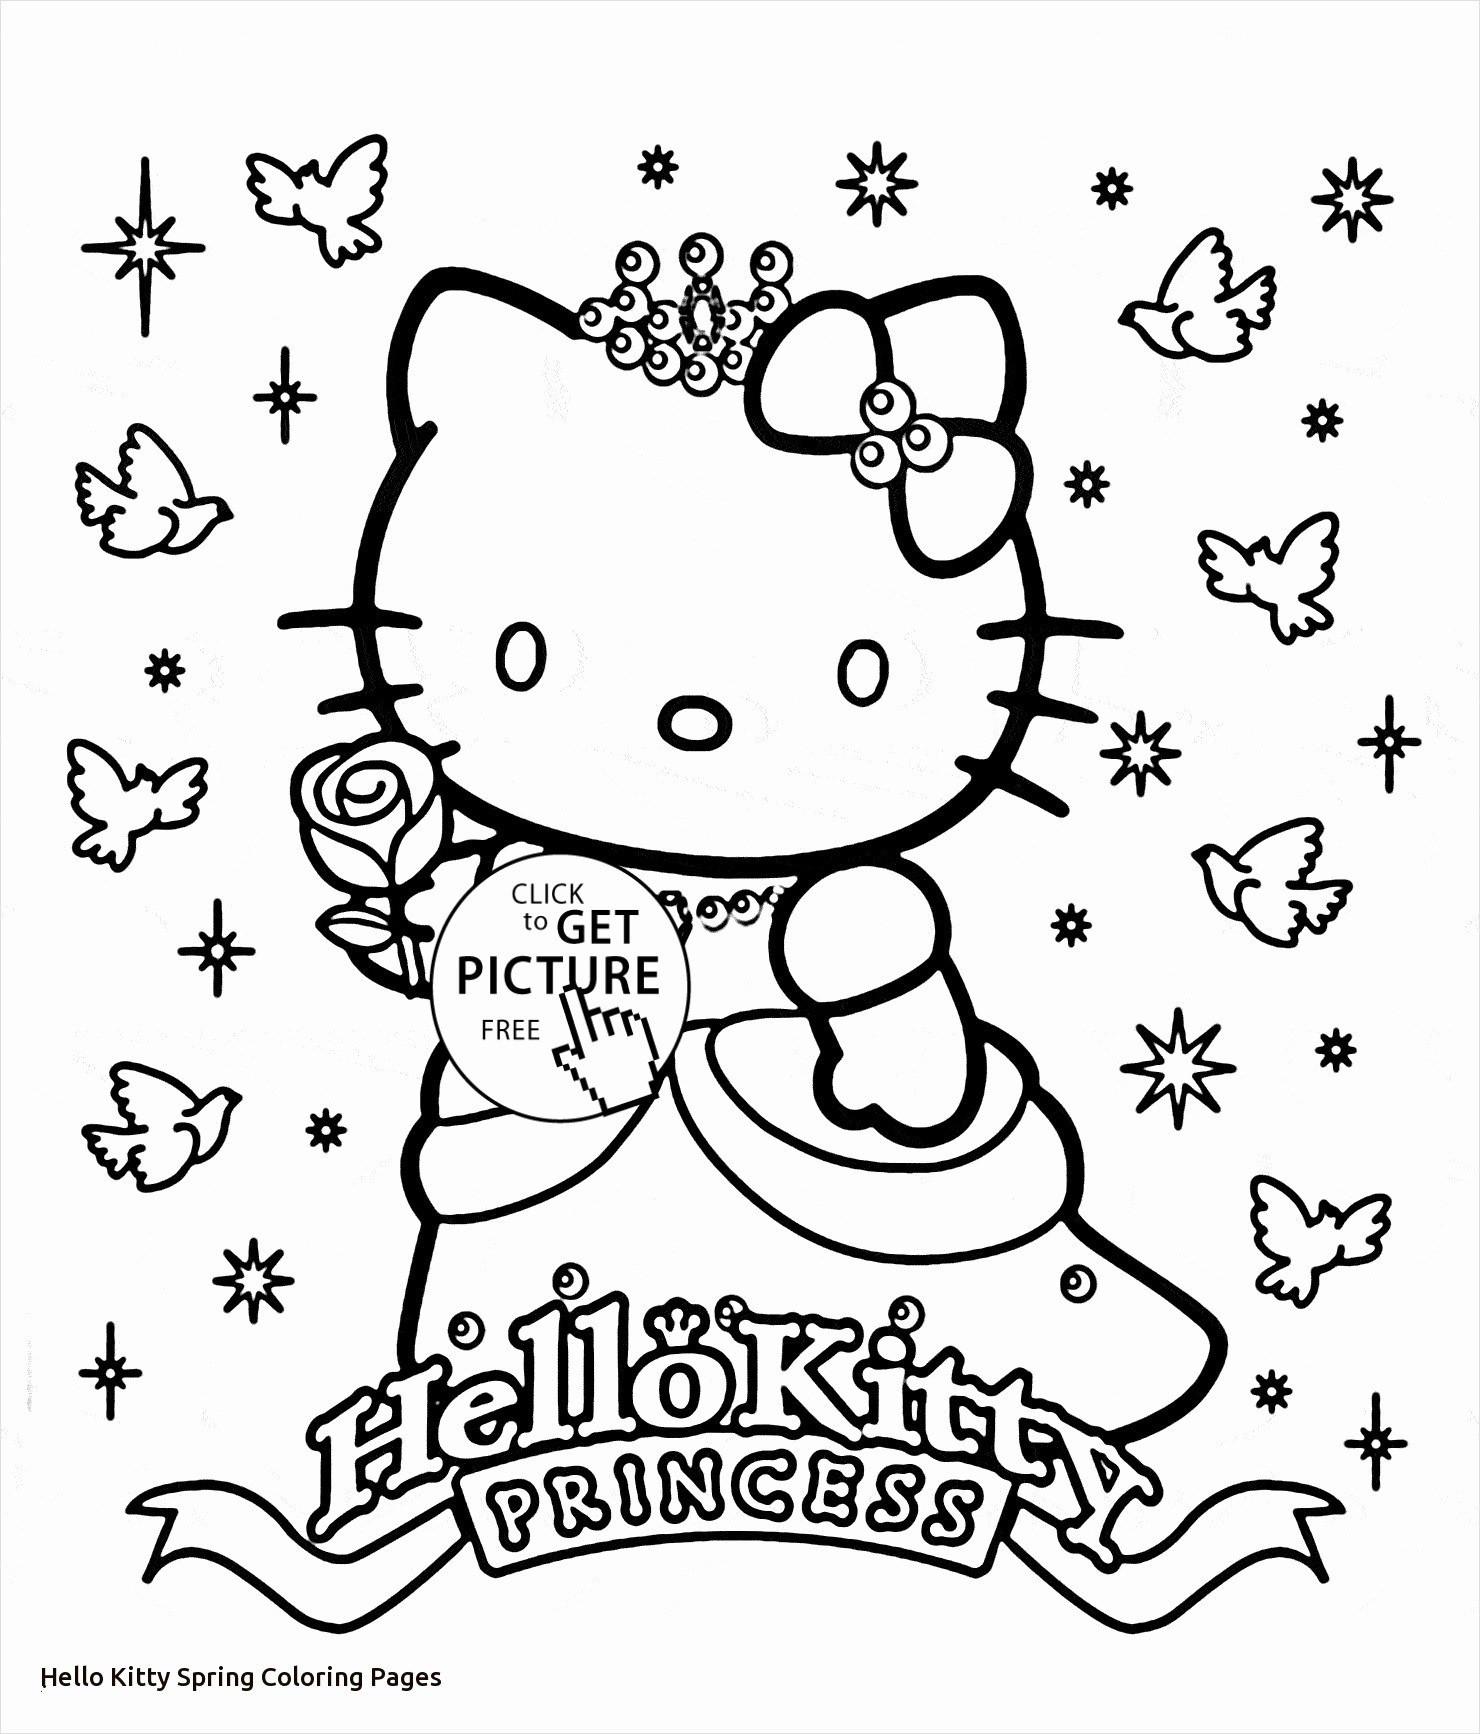 Herz Bilder Zum Ausmalen Einzigartig 40 Skizze Ausmalbilder Hello Kitty Treehouse Nyc Bilder